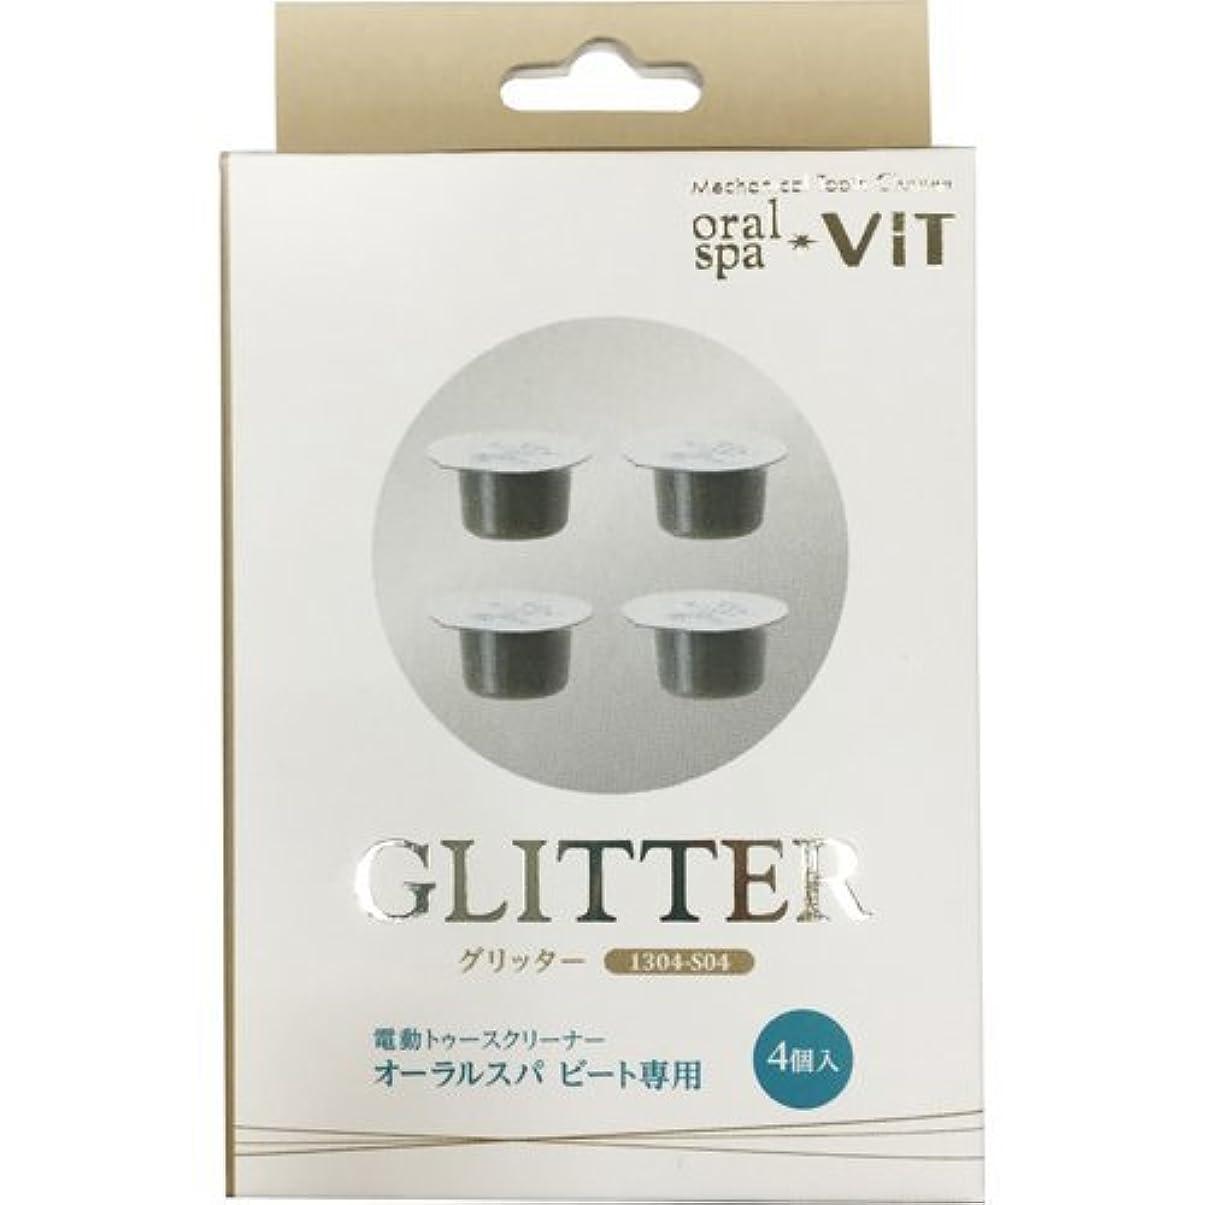 立方体価値のないテレマコス電動トゥースクリーナー oral spa VIT(オーラルスパビート)専用グリッター スペアミント 4個入